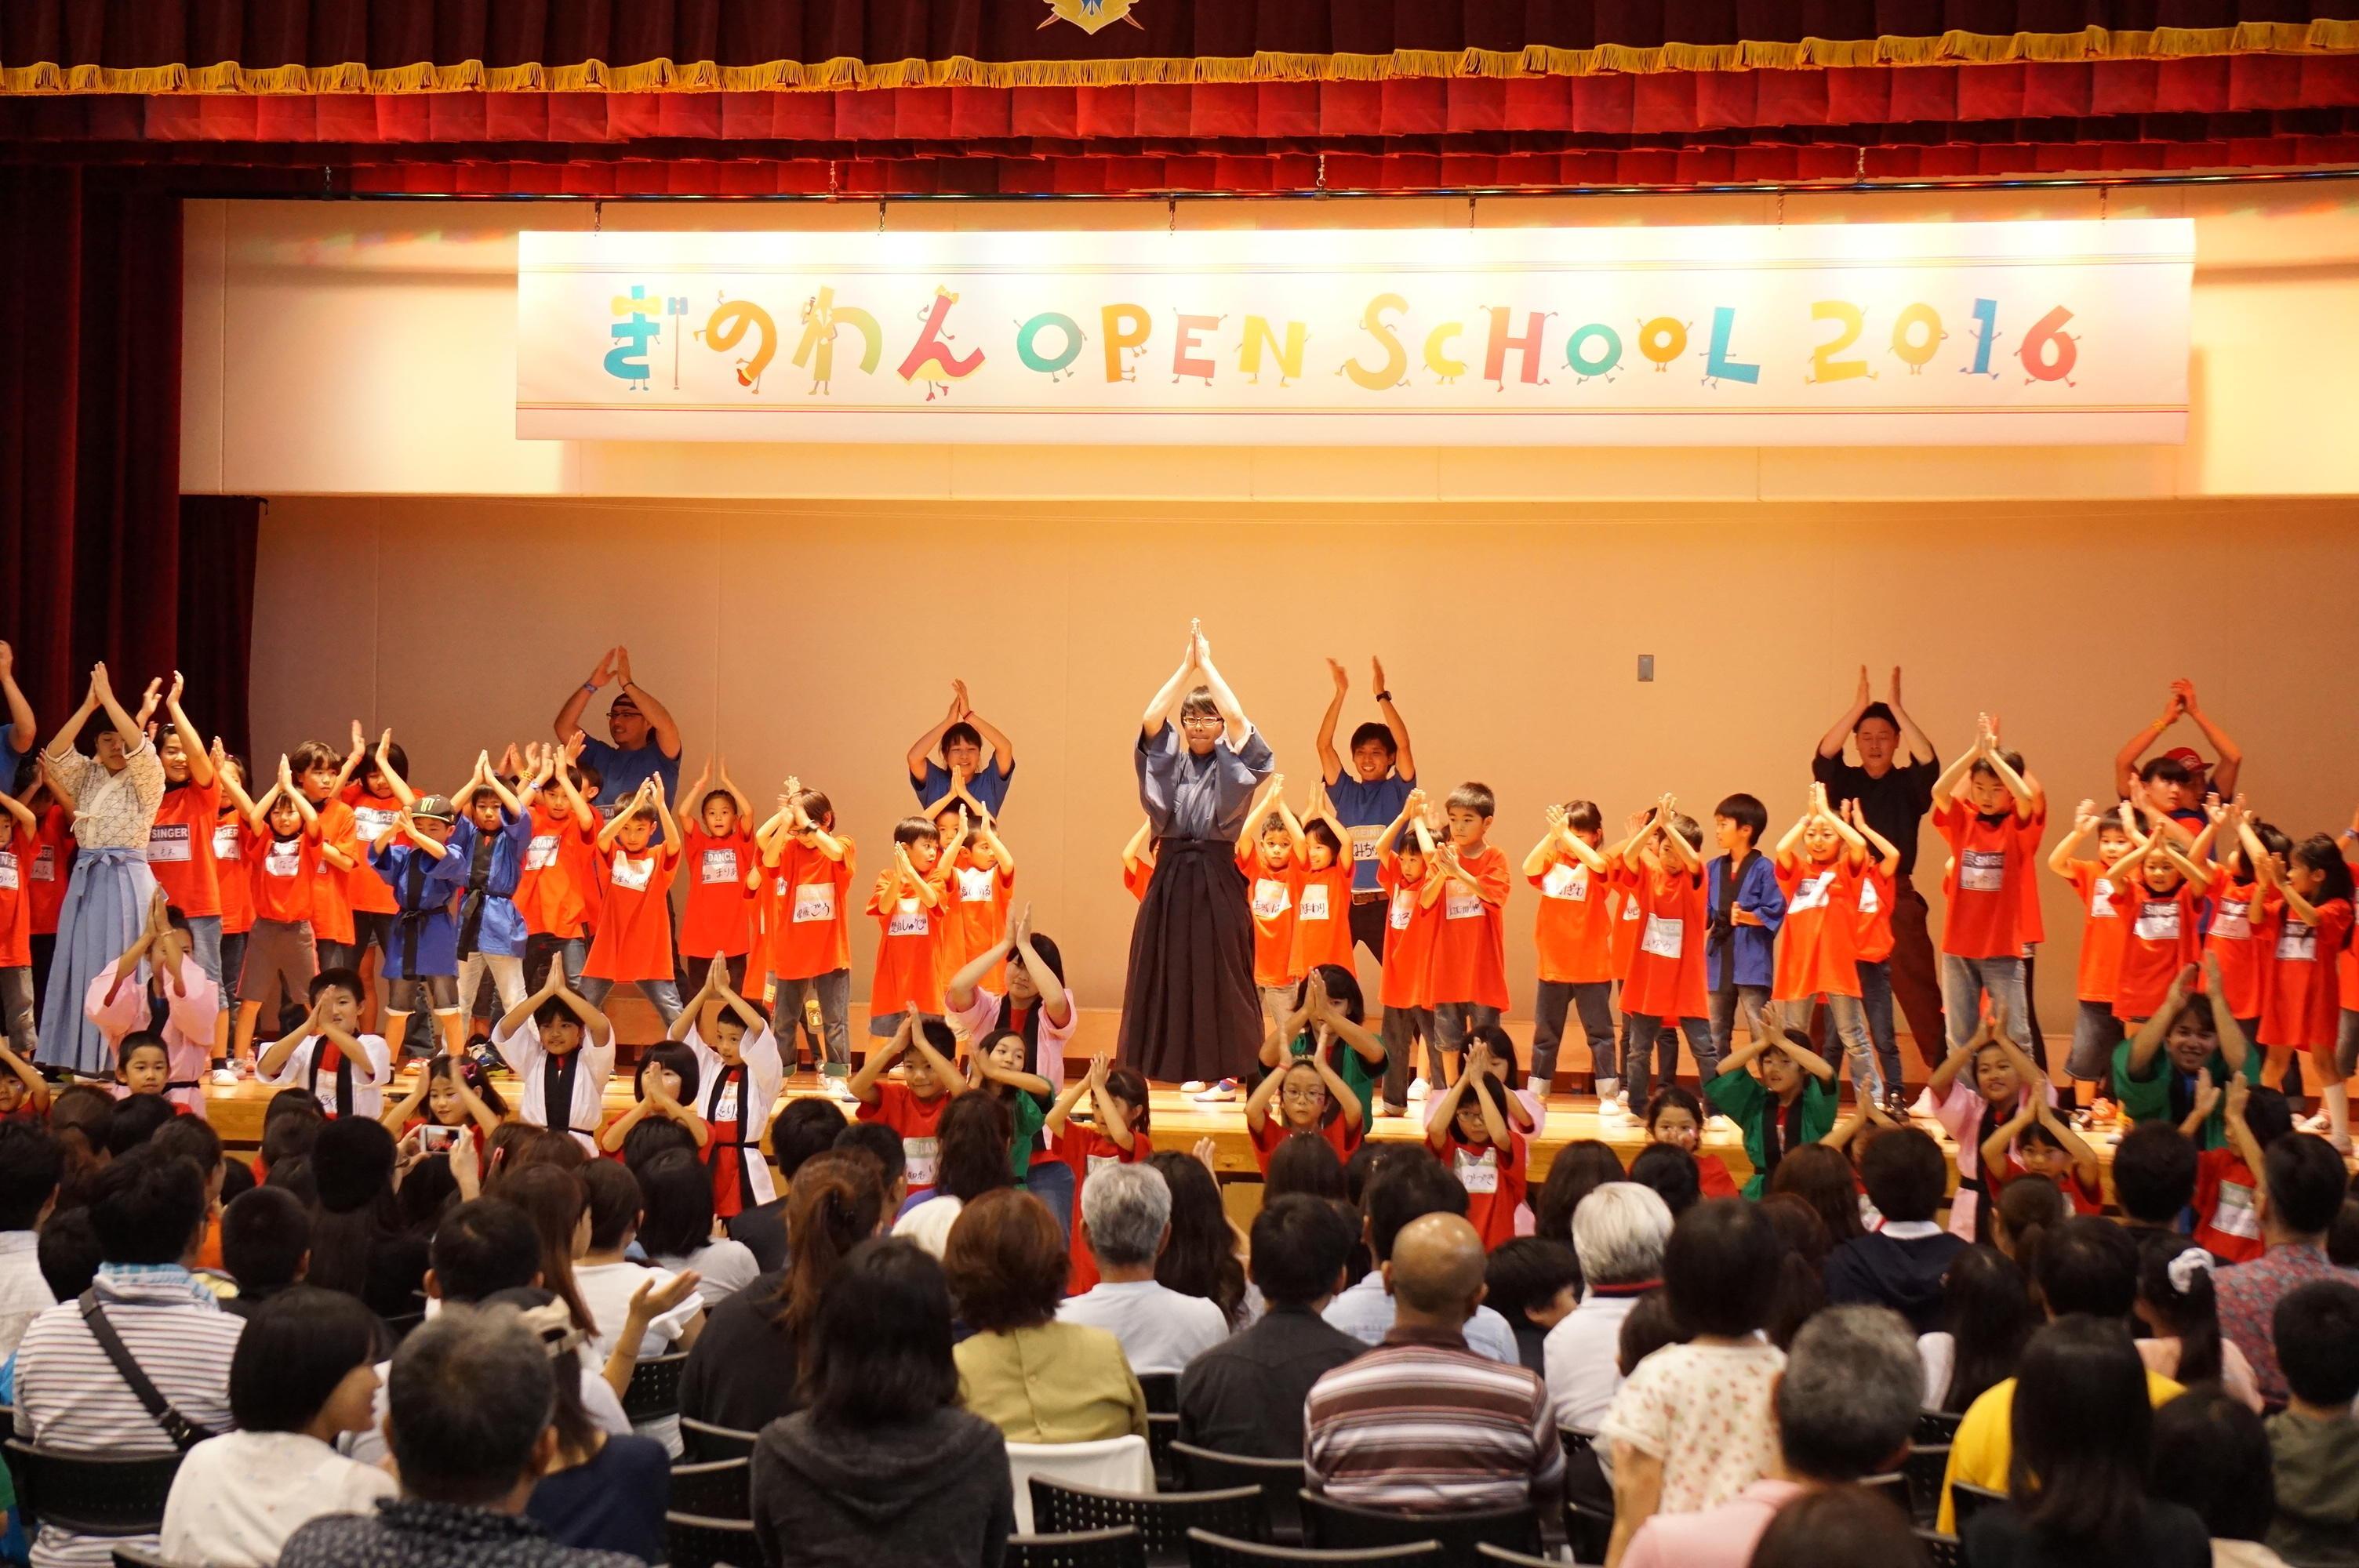 http://news.yoshimoto.co.jp/20161121155034-7f475057e6278aab824f55a28f1e2923b5be6b46.jpg